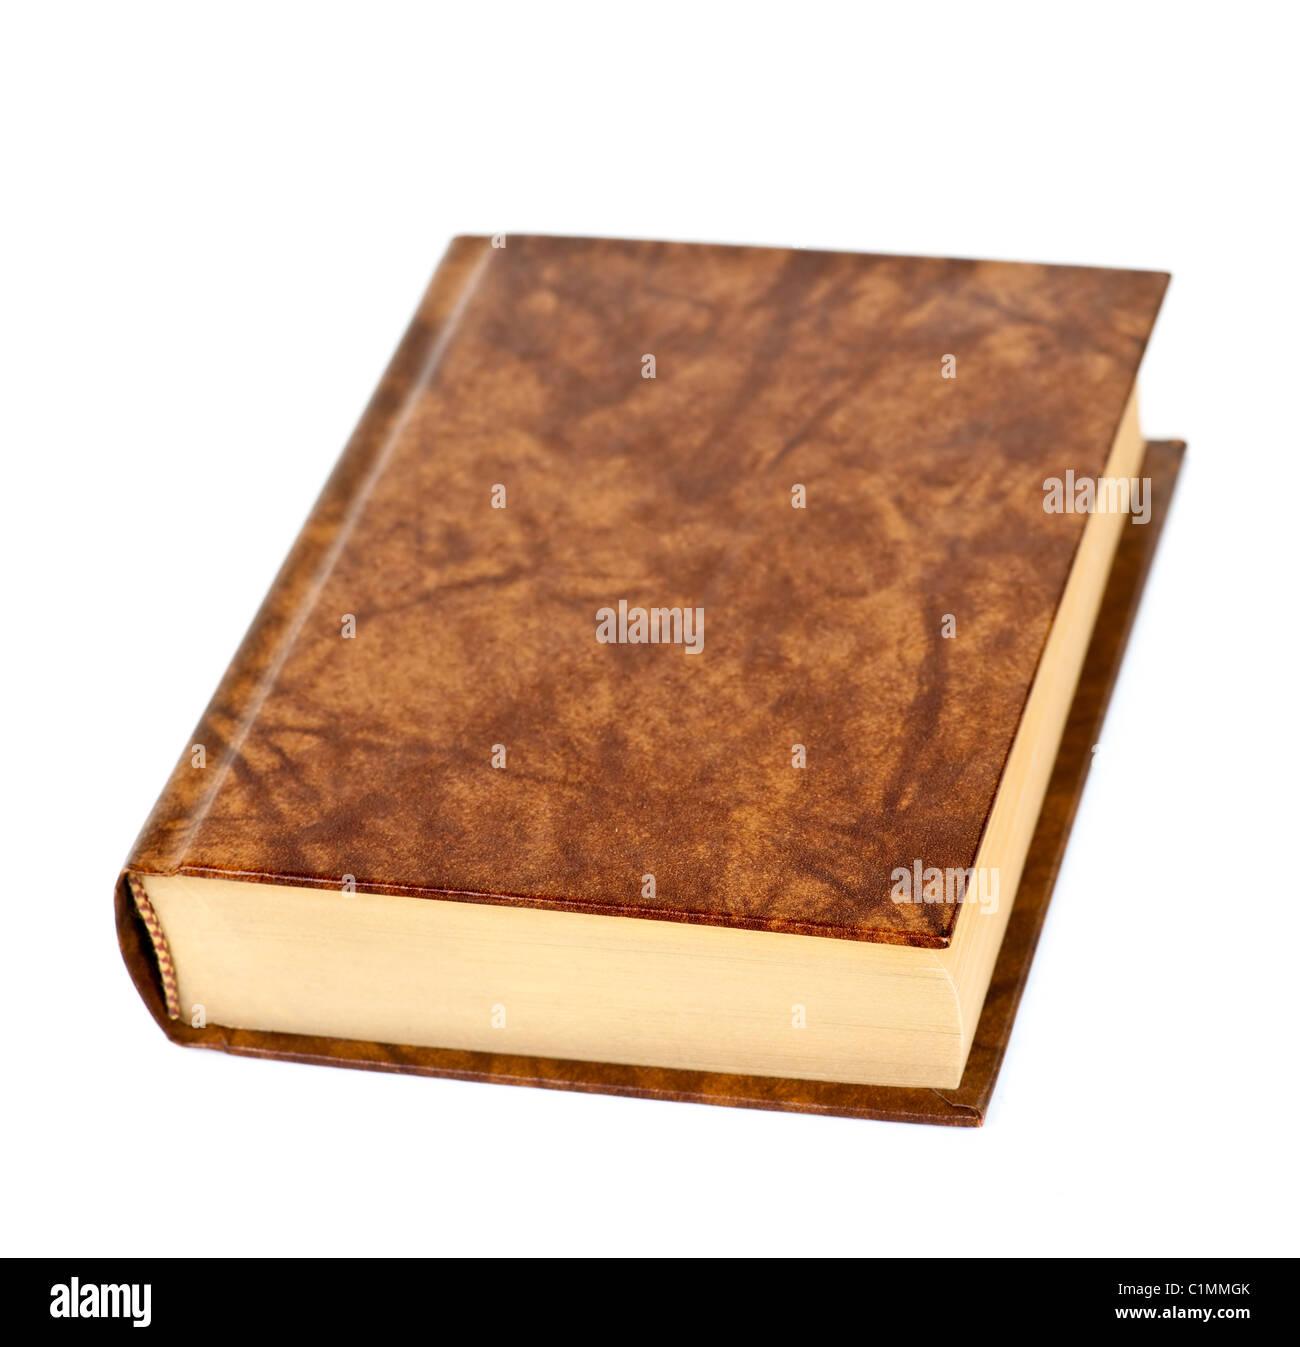 Vieux livre relié en cuir relié en blanc isolé sur fond blanc Photo Stock